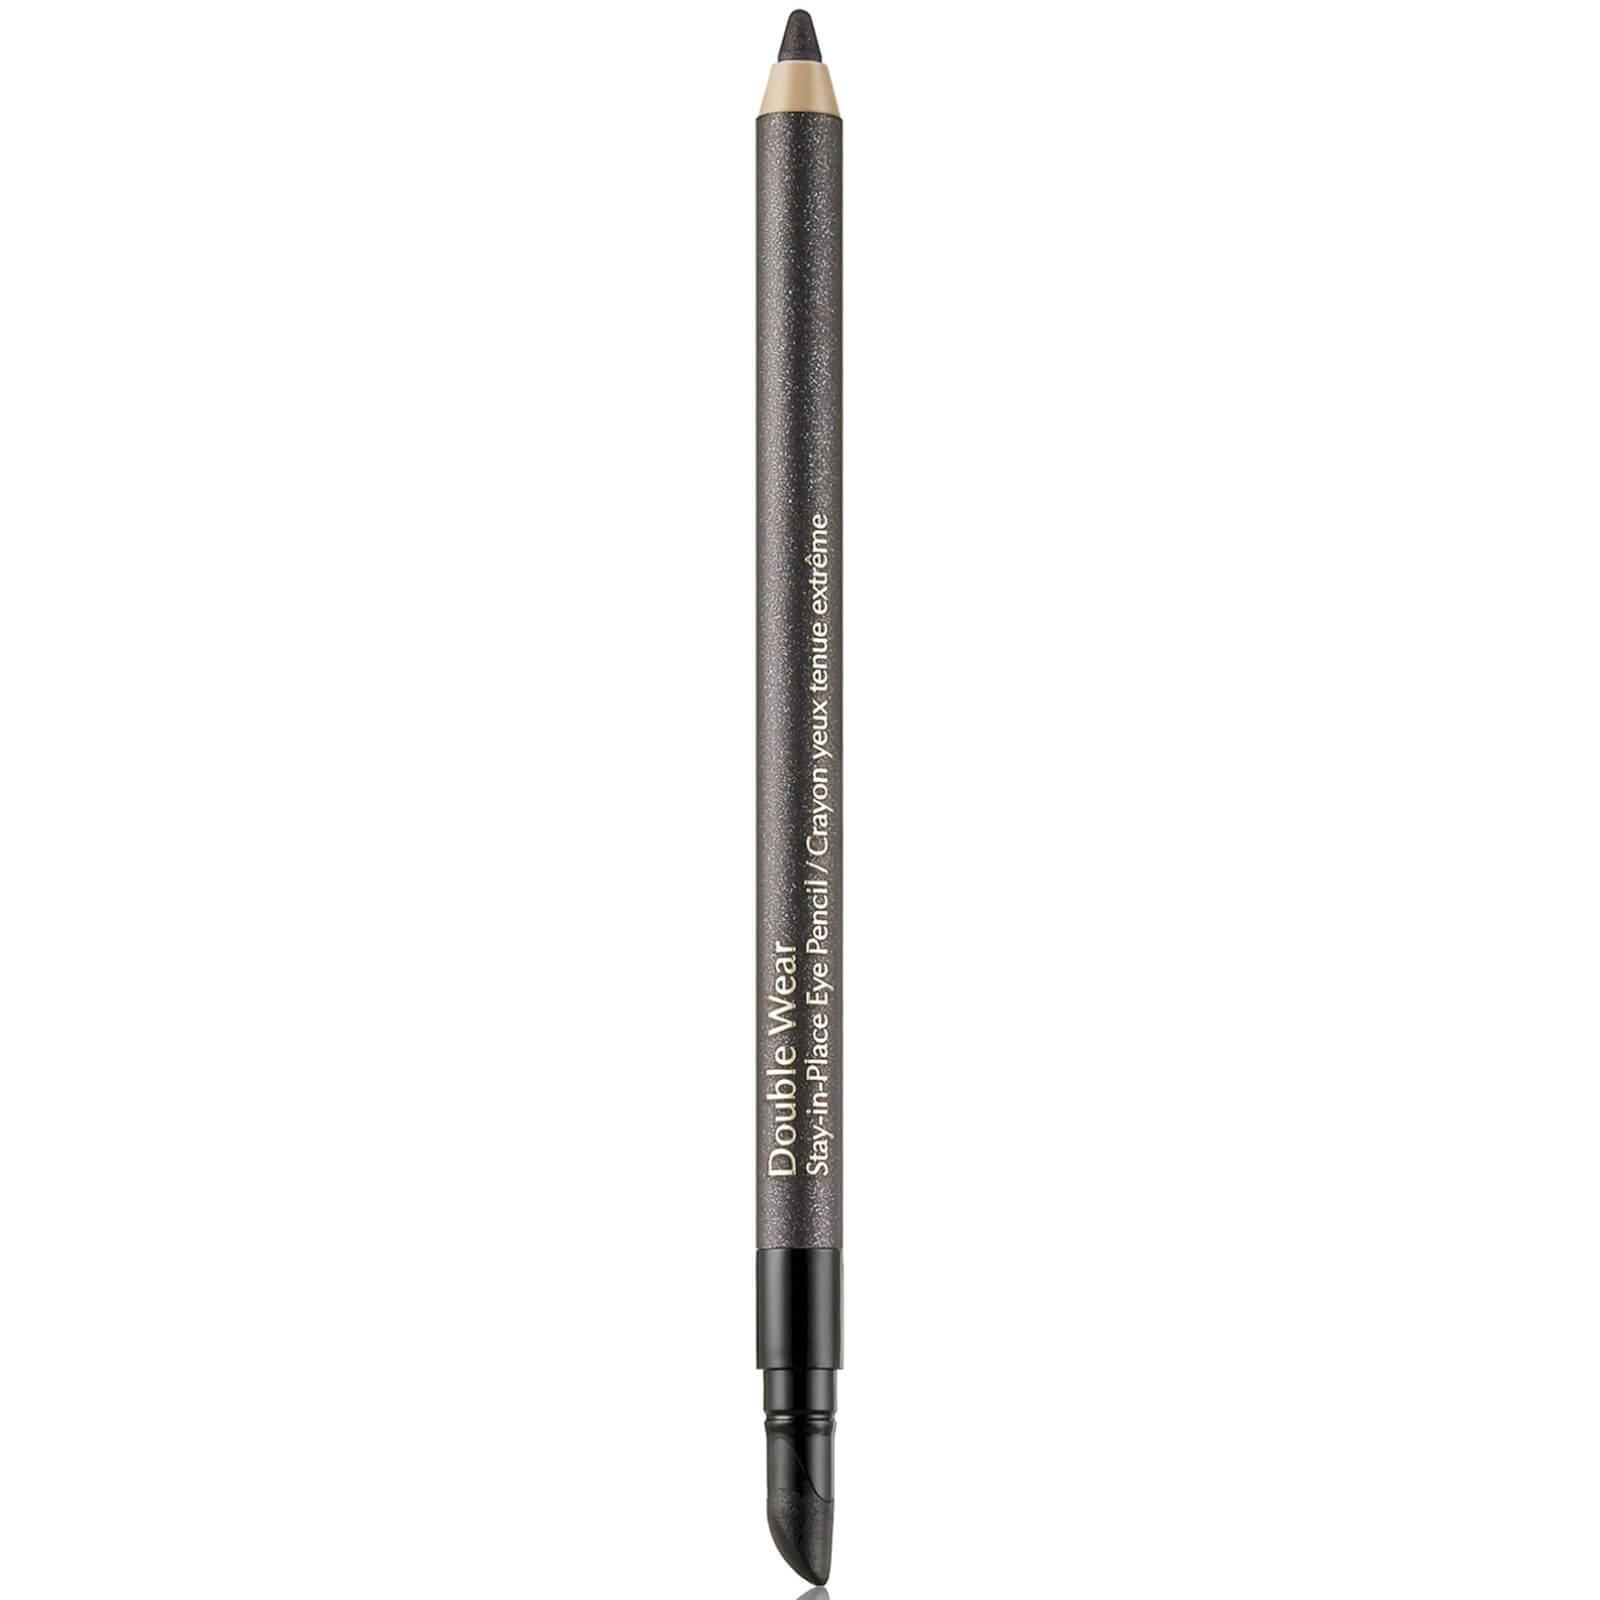 Estée Lauder Crayon Yeux Tenue Extrême Double Wear Estée Lauder 1,2g - Night Diamond